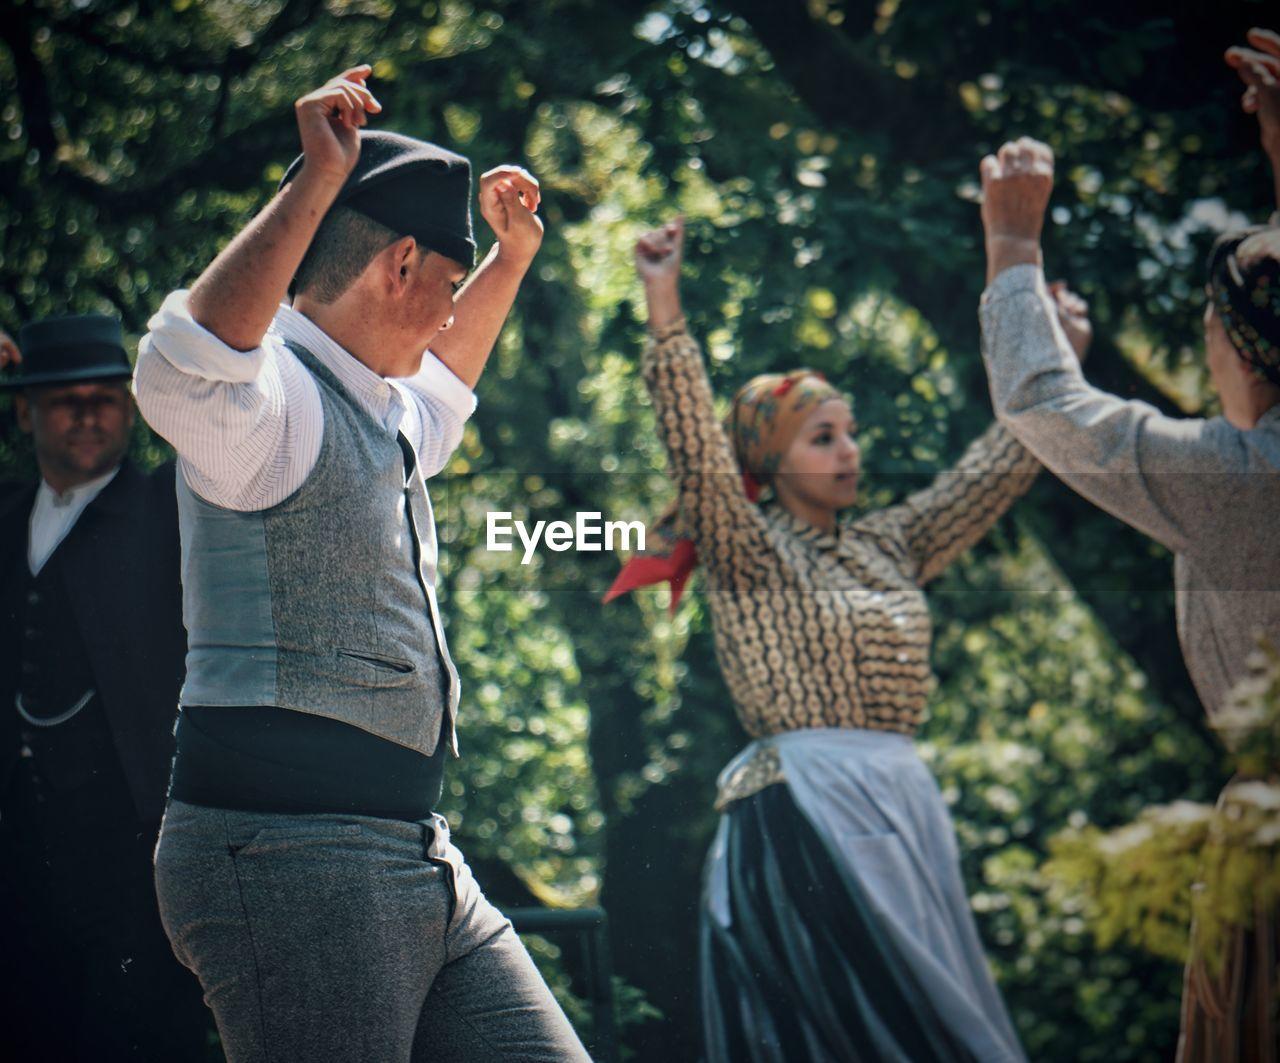 People dancing against trees in park